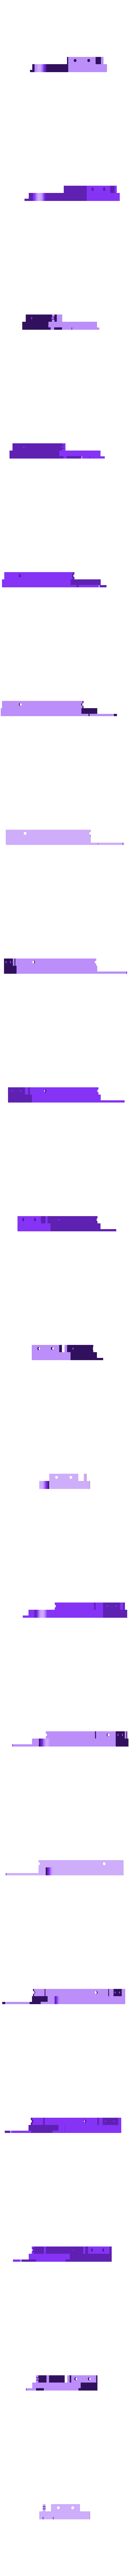 Boxes_BottomLeft.stl Télécharger fichier STL gratuit Anet A8 Renforcement de structure • Modèle à imprimer en 3D, Israel_OE